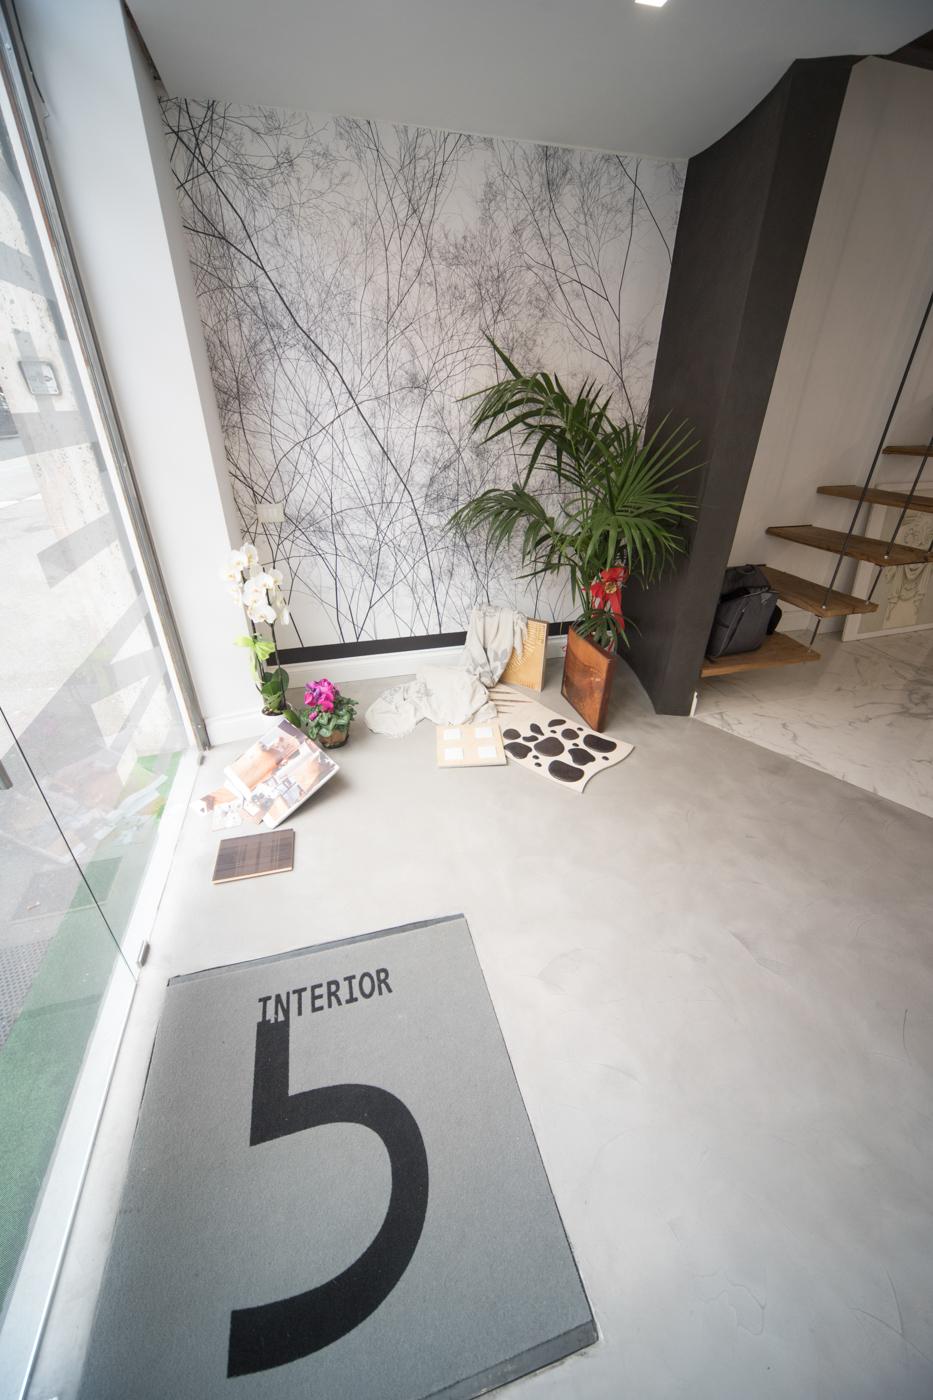 valentina solera, architetto, interior, ristrutturazione, genova, liguria, italy, interior5-25.jpg